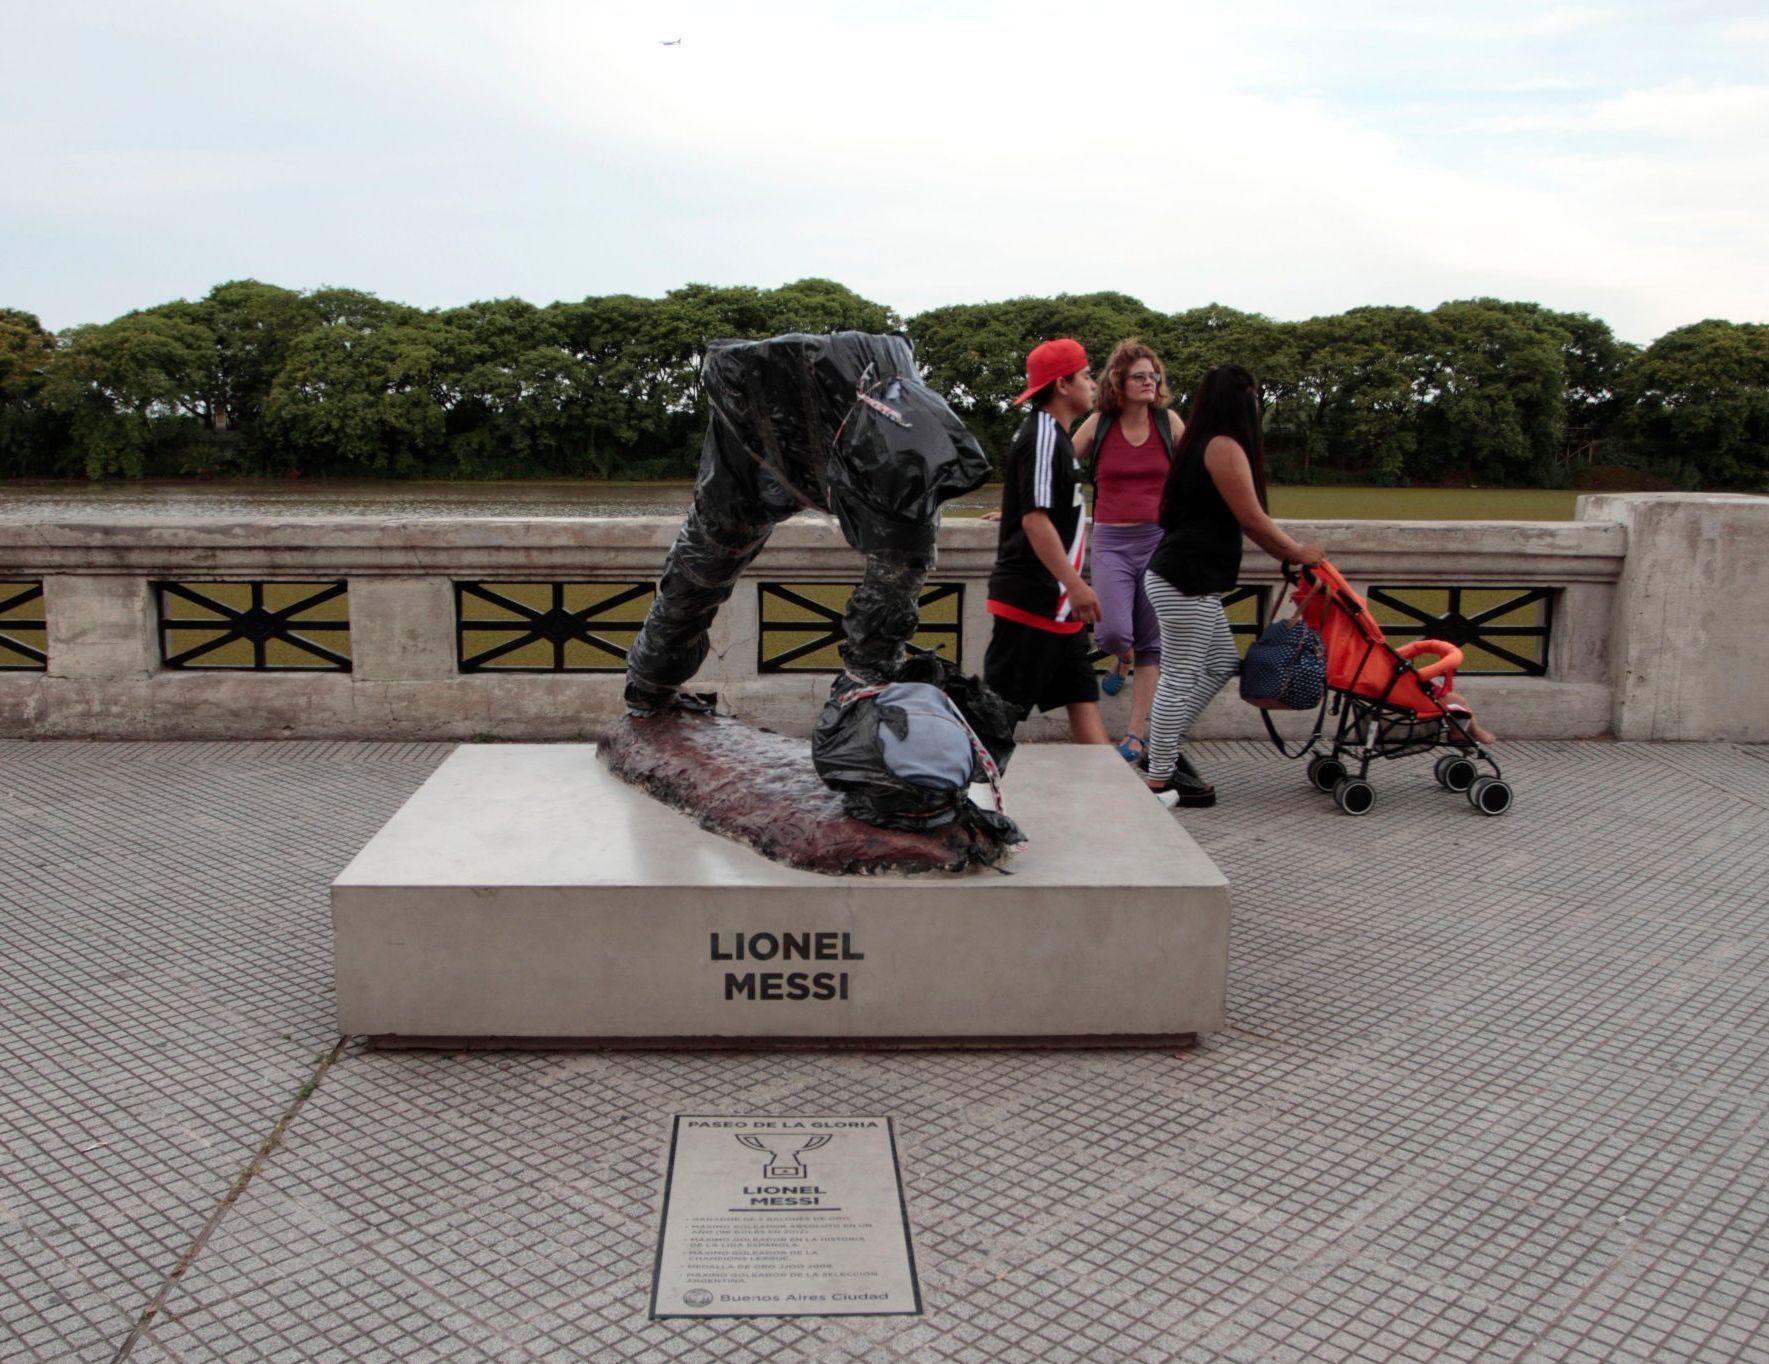 La statue de lionel messi décapitée en argentine